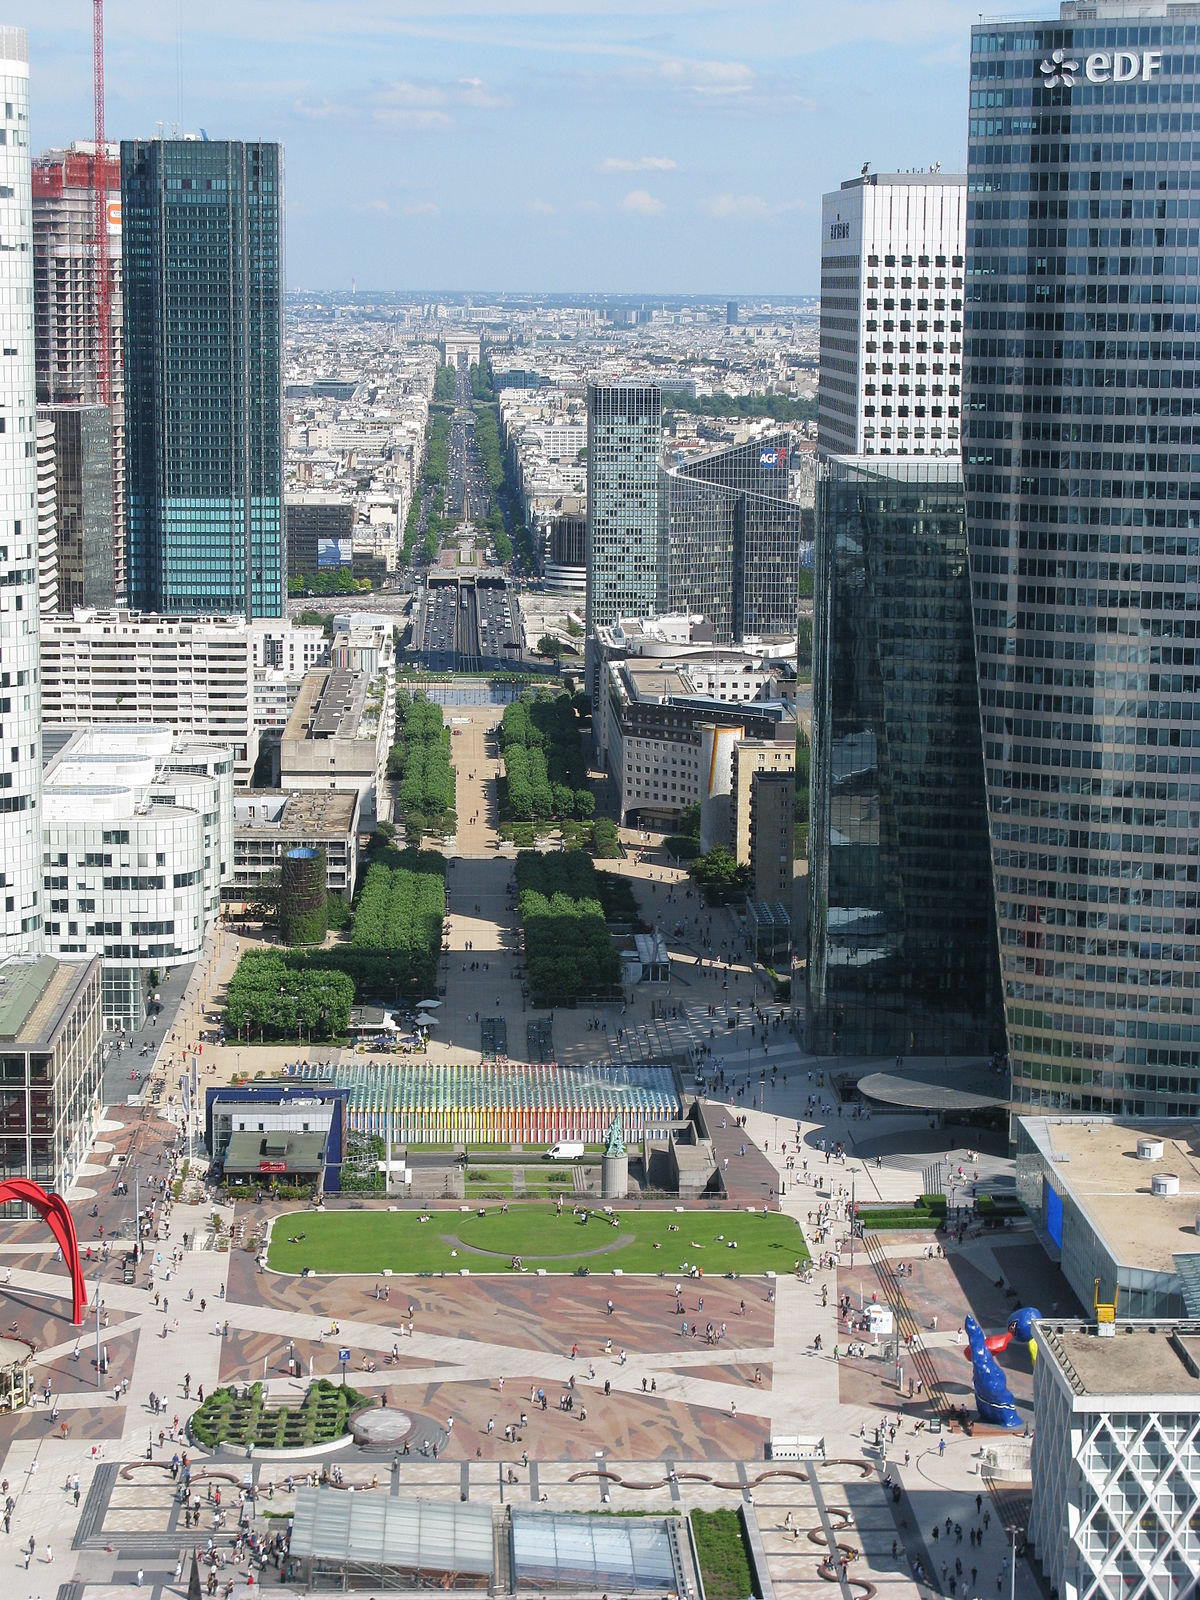 Novotel Paris Tour Eiffel Accorhotels